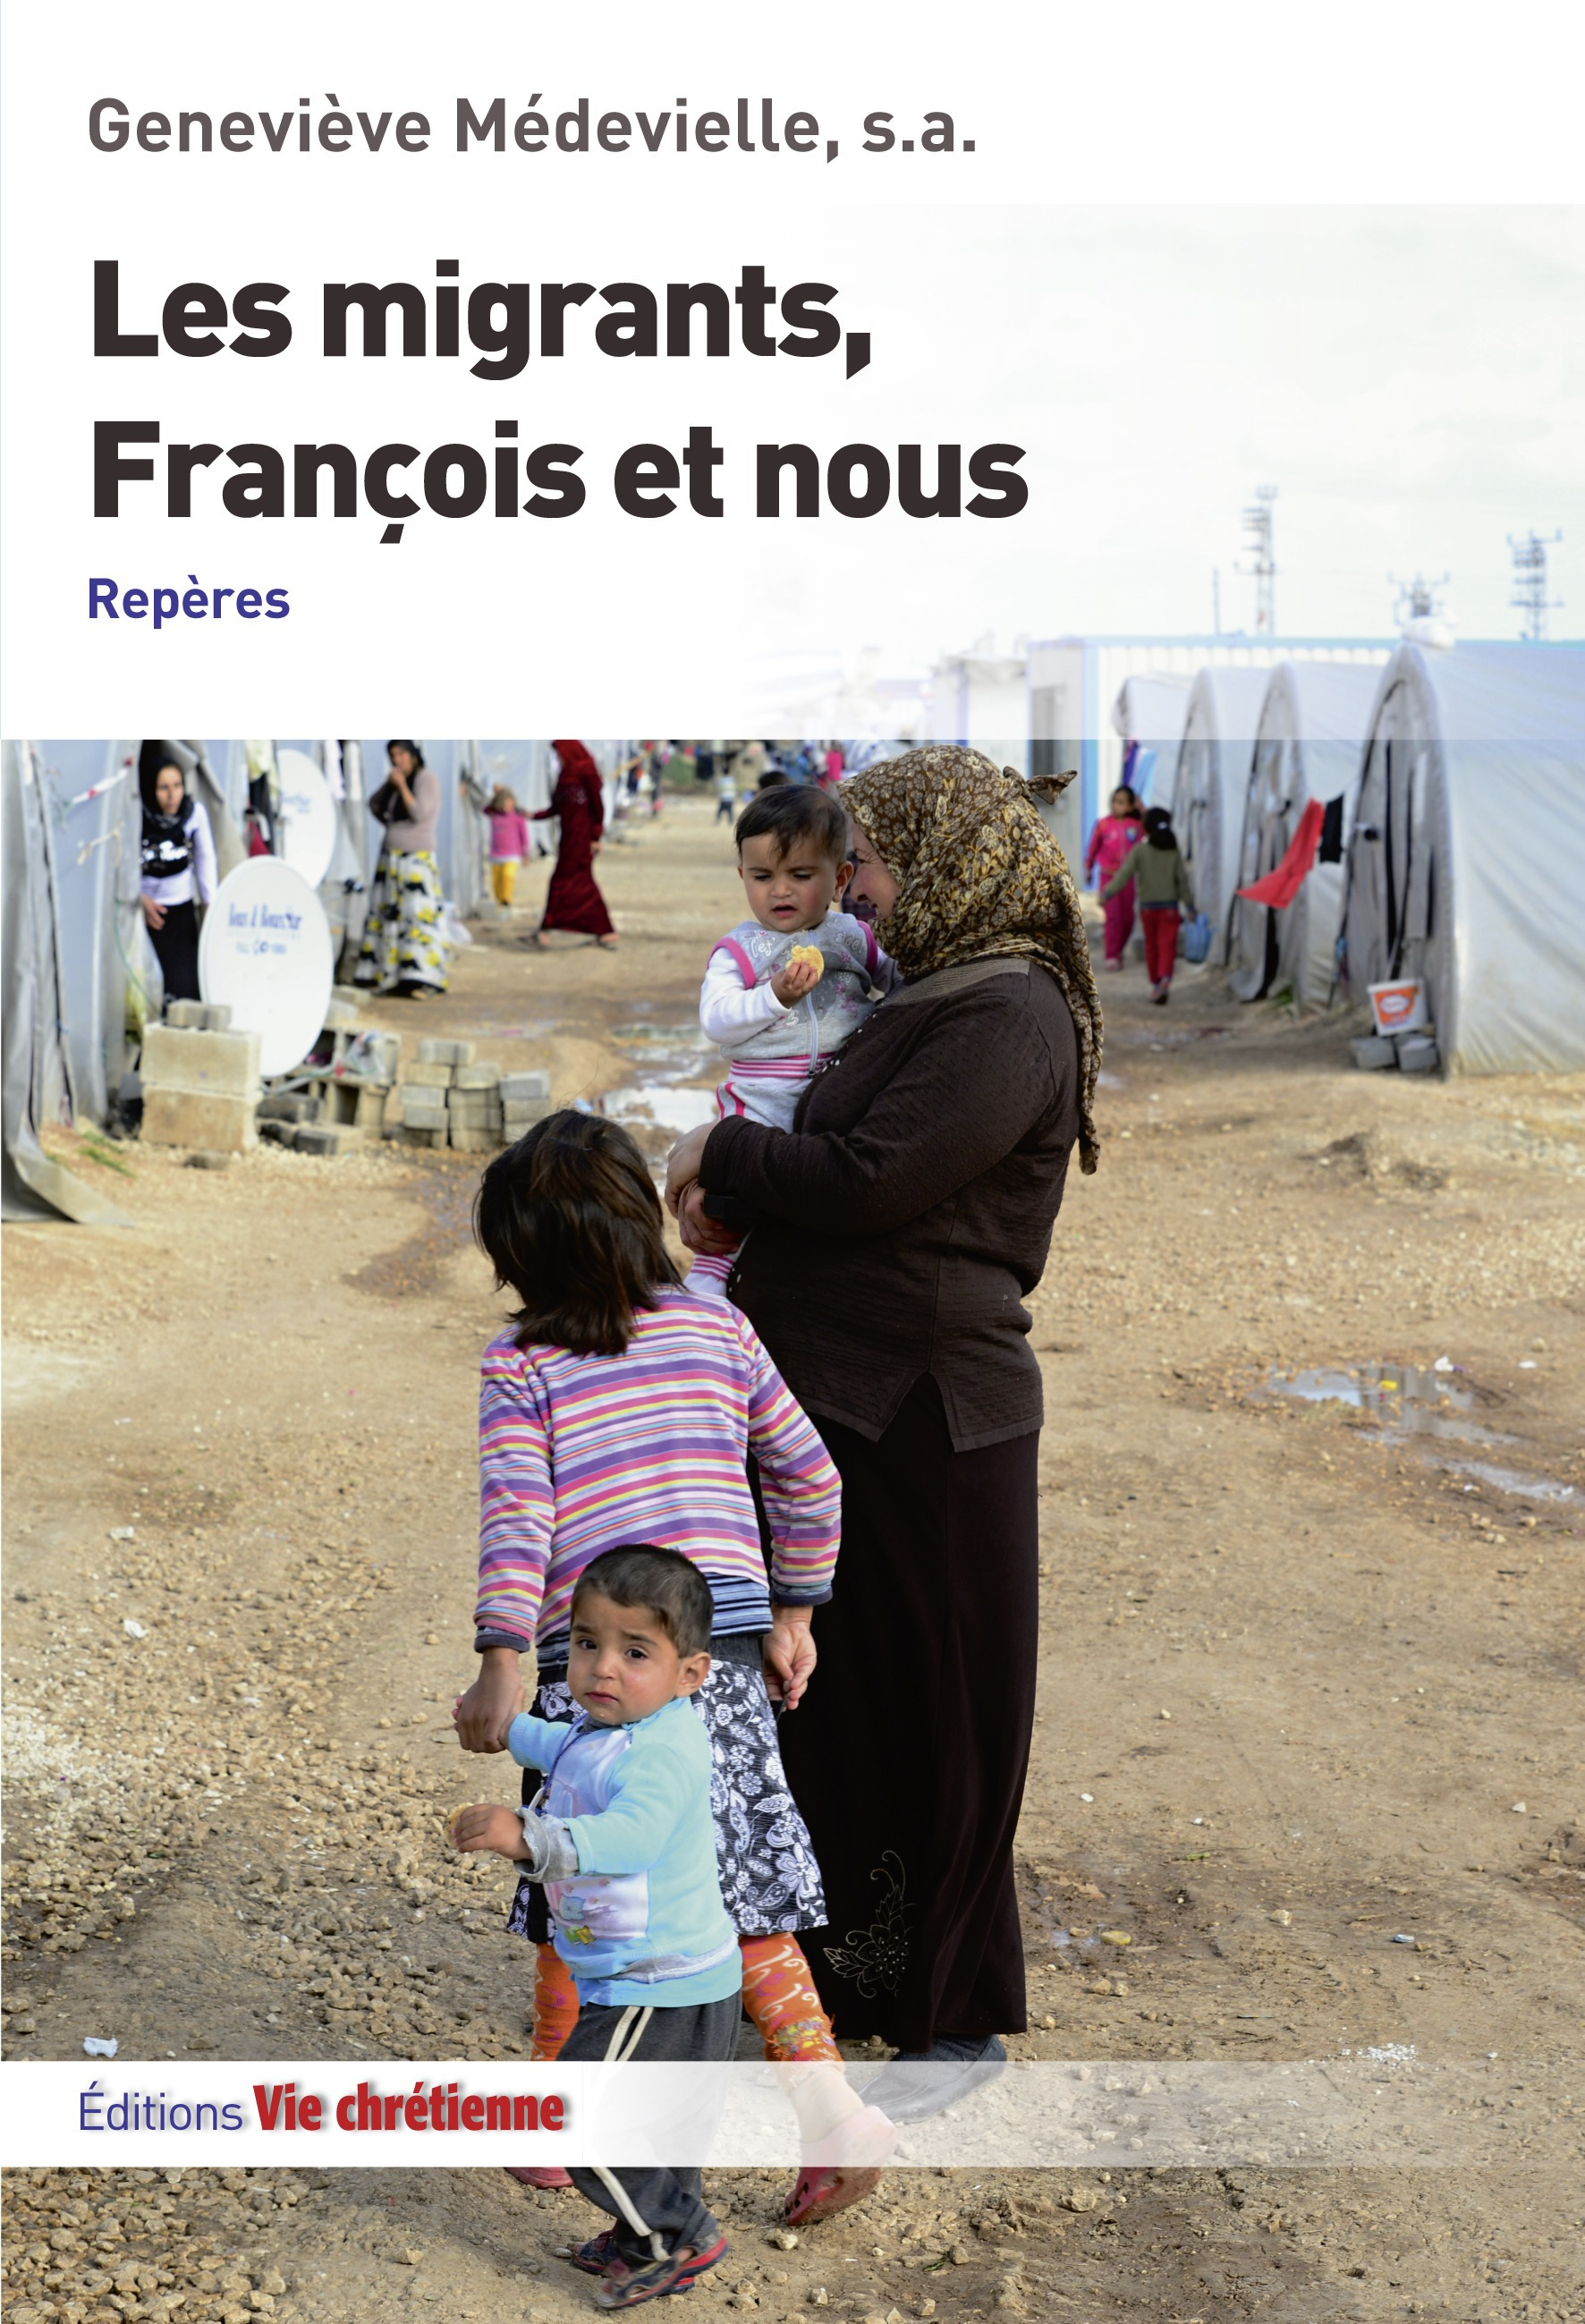 Les migrants, François et nous